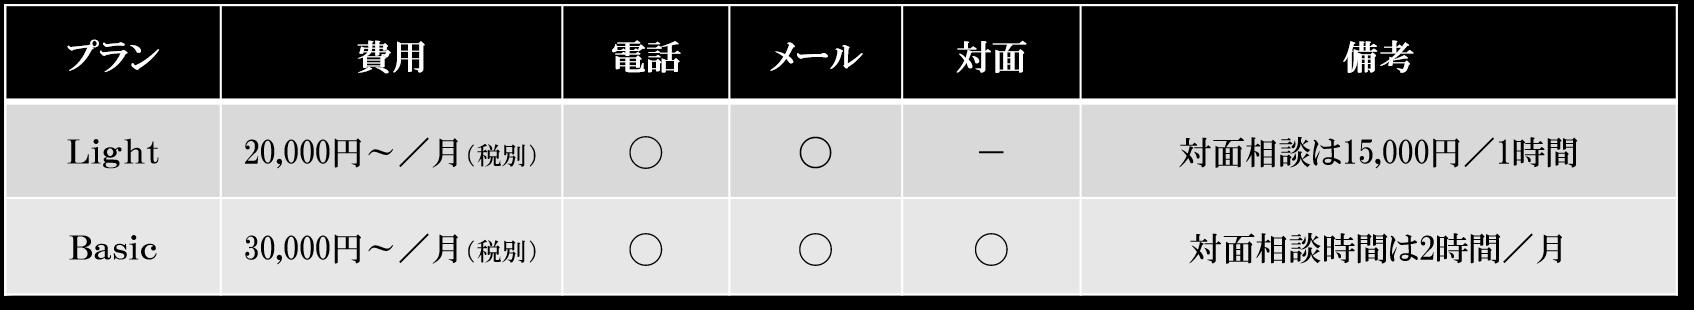 ロウムセキュリティ 料金表